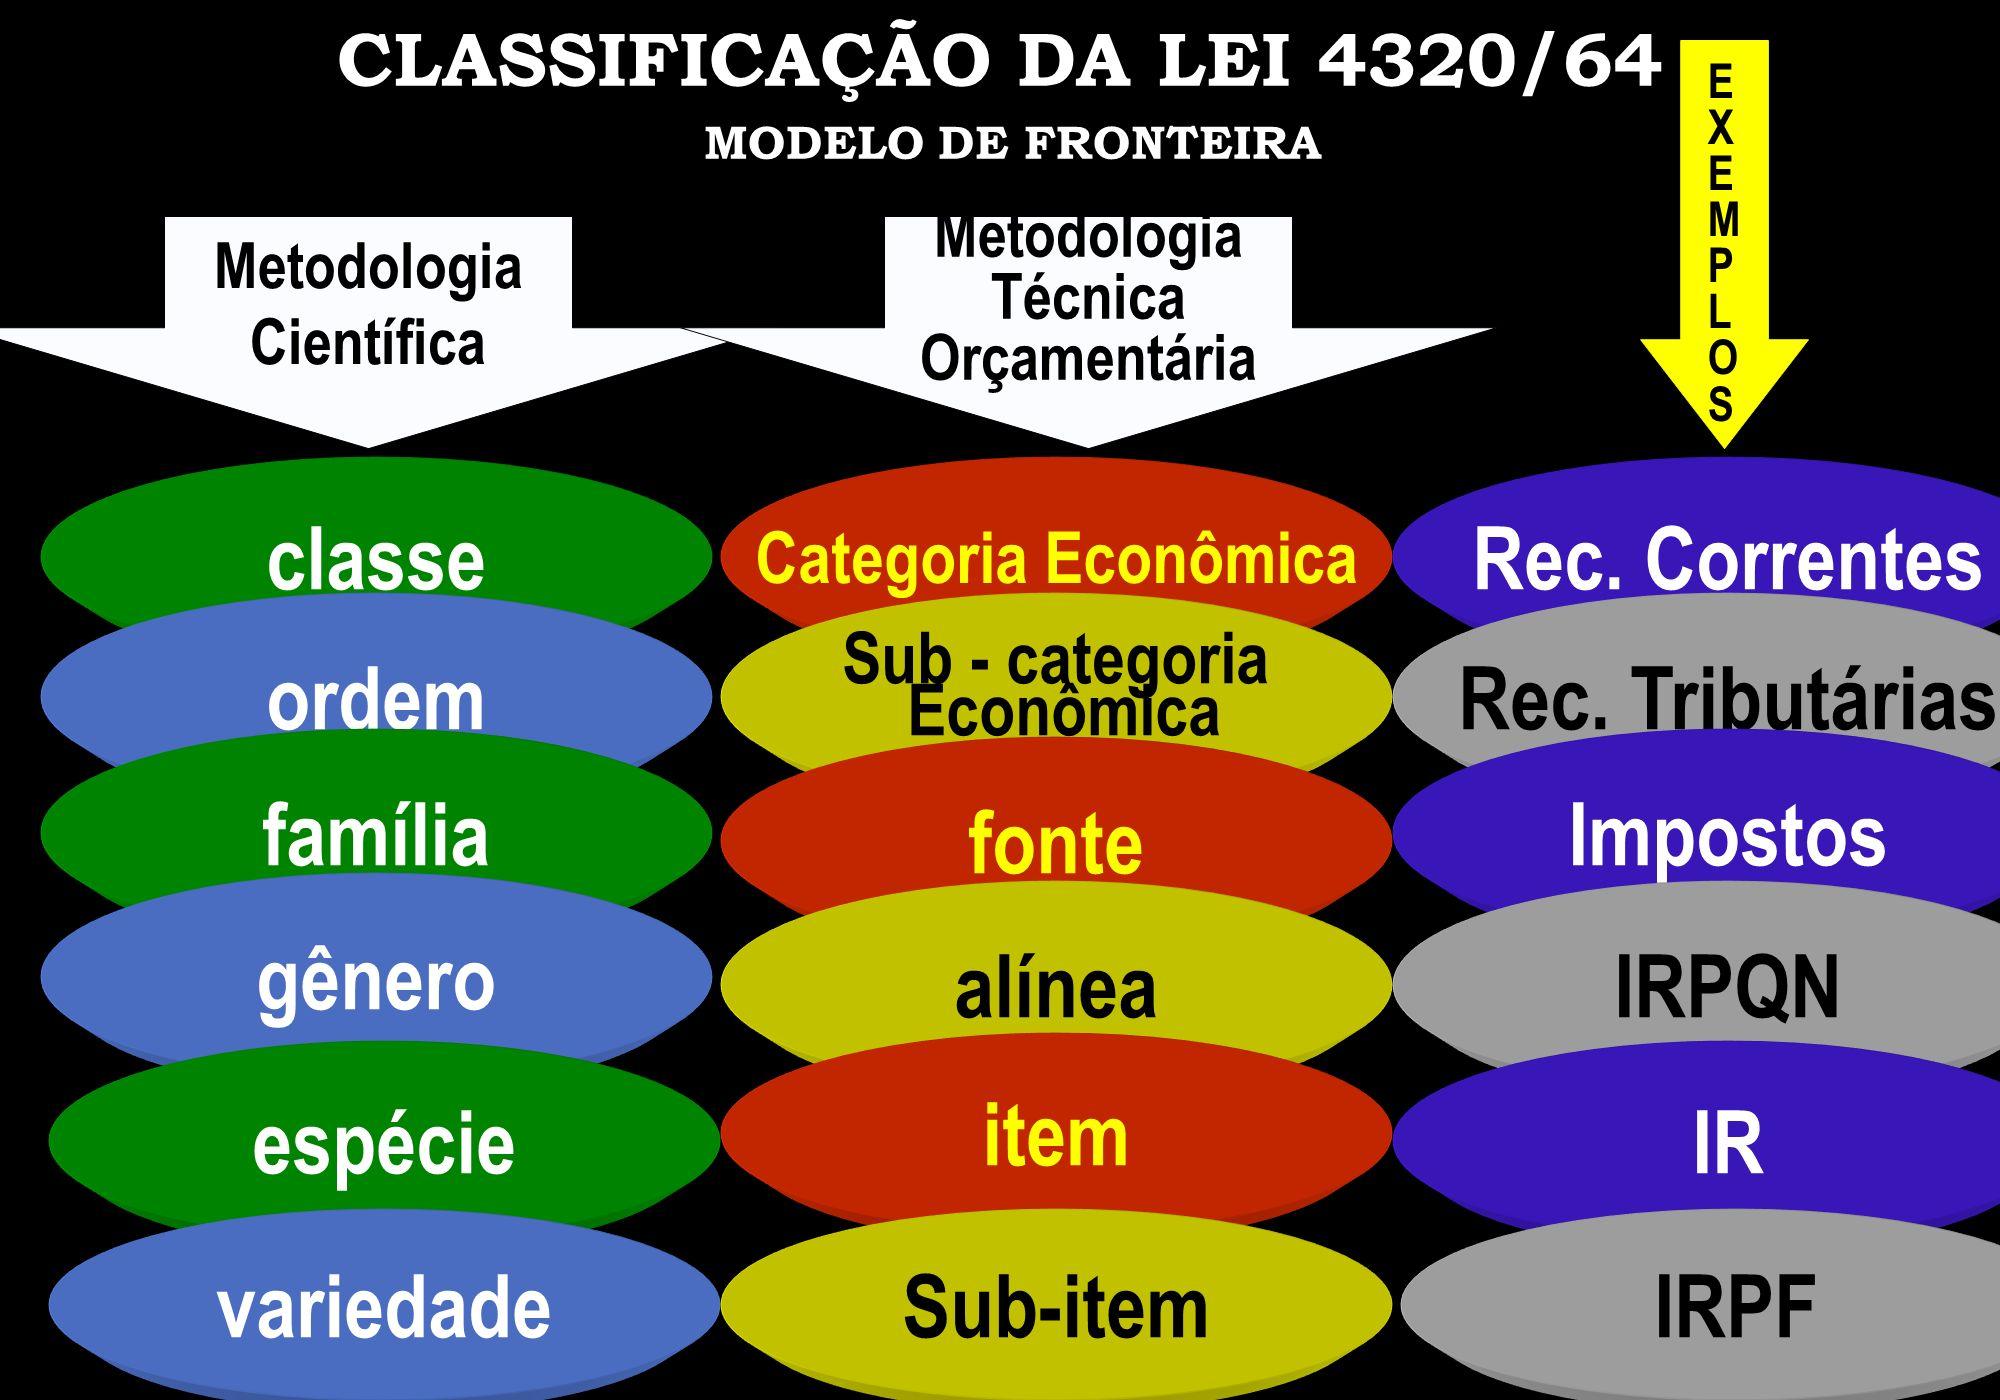 CLASSIFICAÇÃO DA LEI 4320/64 MODELO DE FRONTEIRA Metodologia Científica Metodologia Técnica Orçamentária classe ordem família gênero espécie variedade